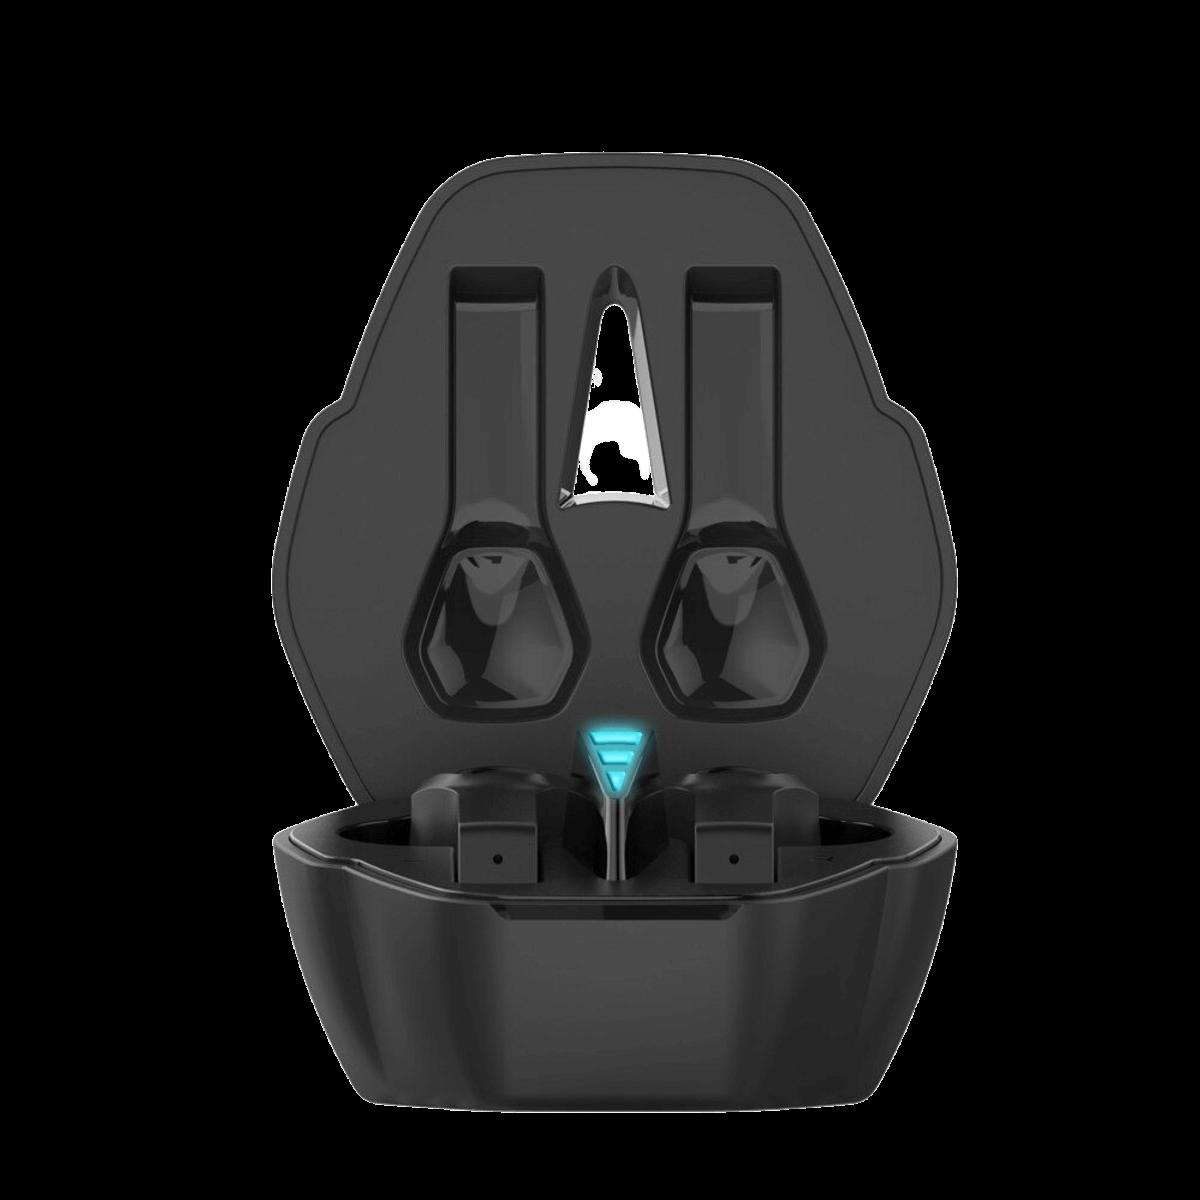 Fone de Ouvido Gamer Lenovo Hq08 Bluetooth Tws